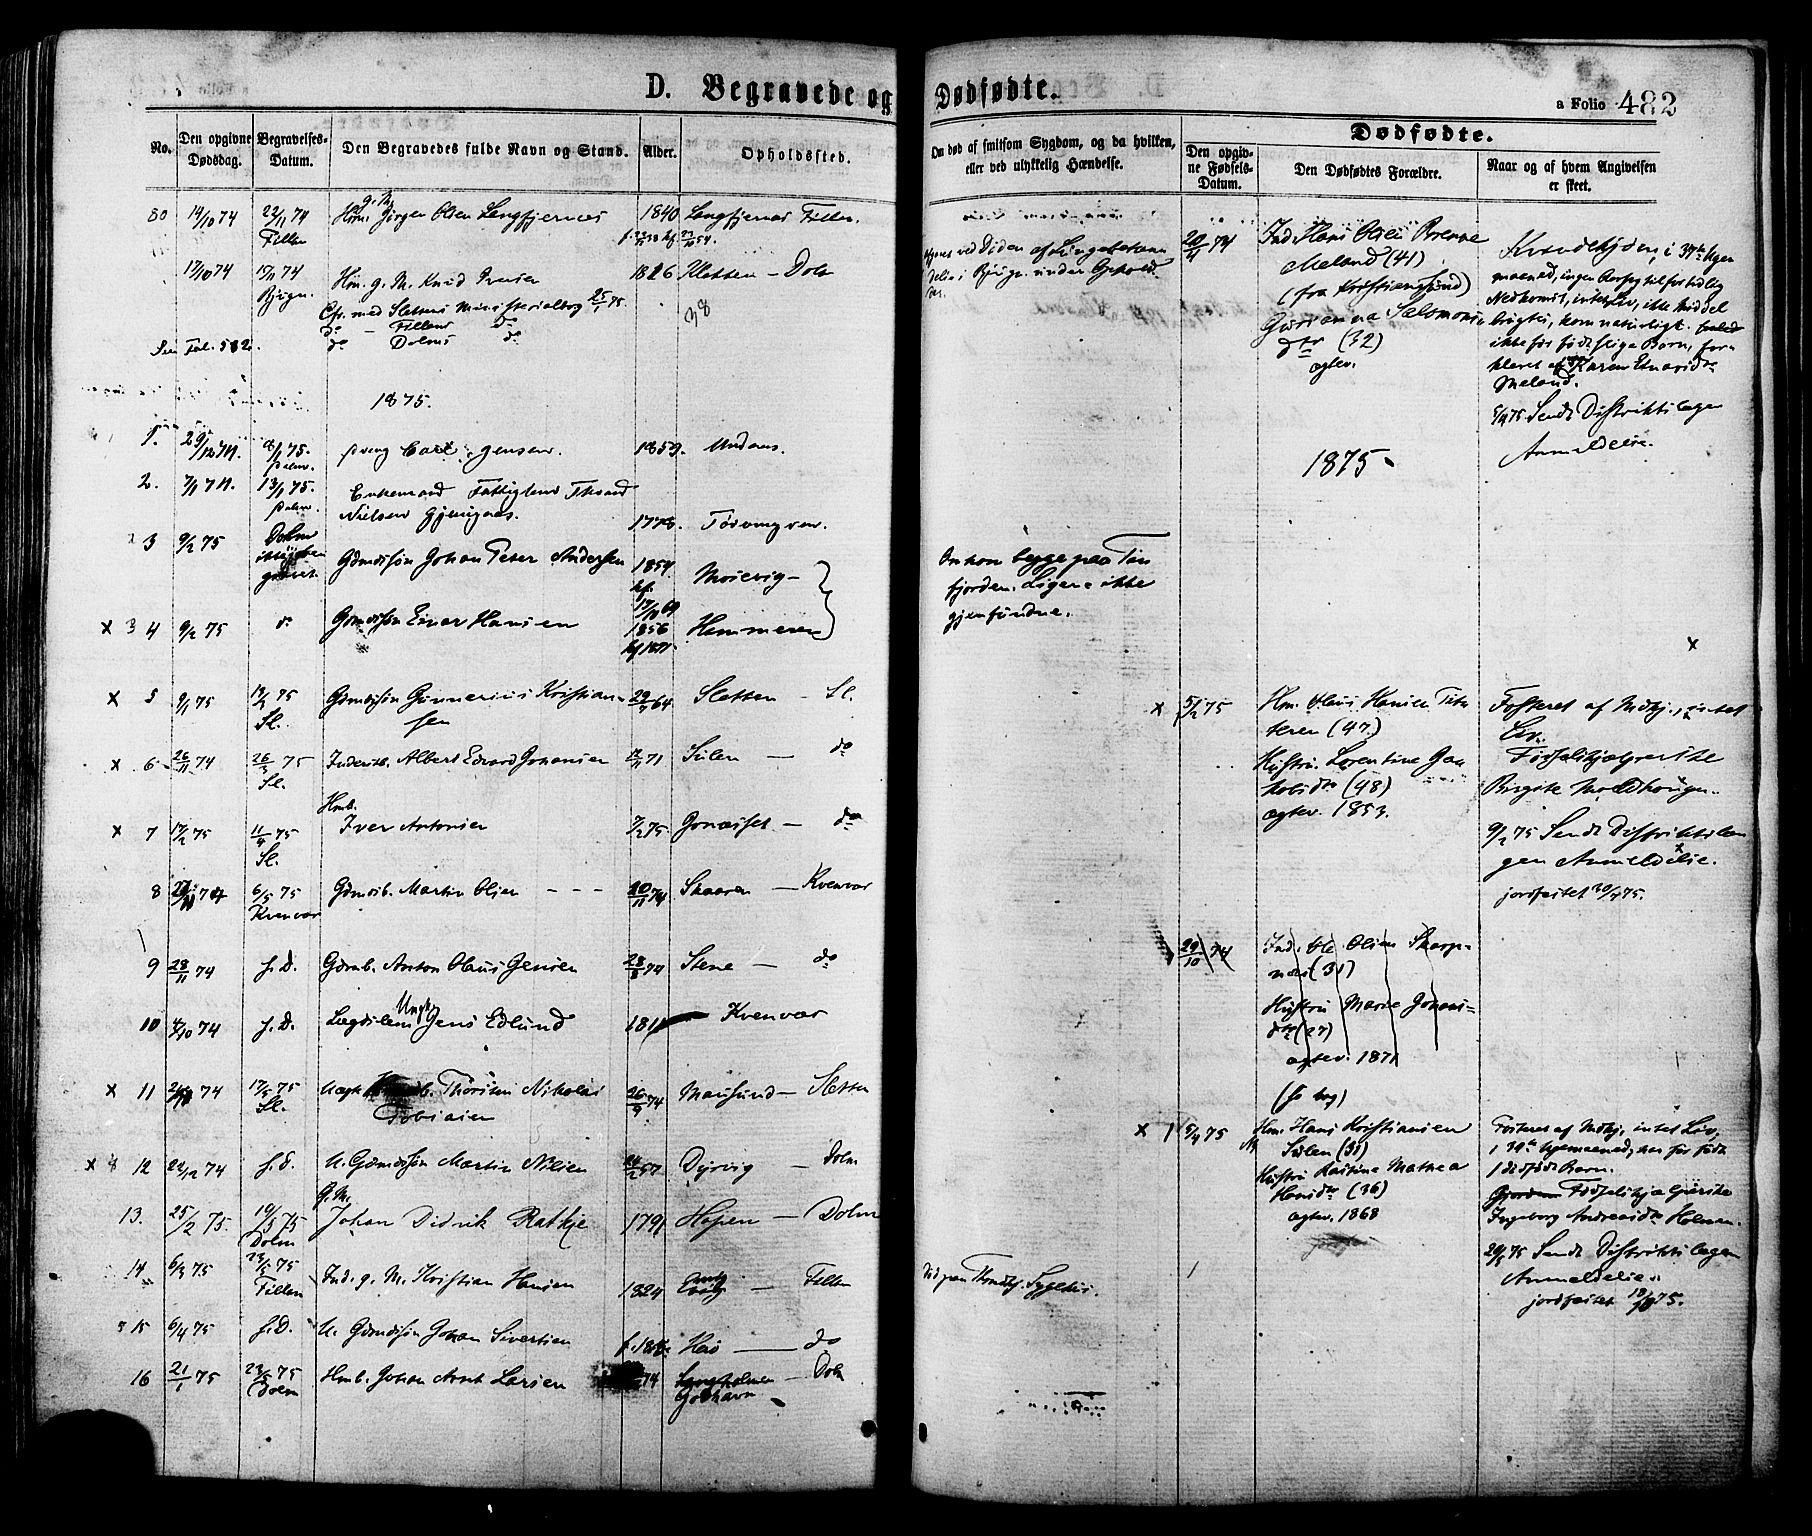 SAT, Ministerialprotokoller, klokkerbøker og fødselsregistre - Sør-Trøndelag, 634/L0532: Ministerialbok nr. 634A08, 1871-1881, s. 482